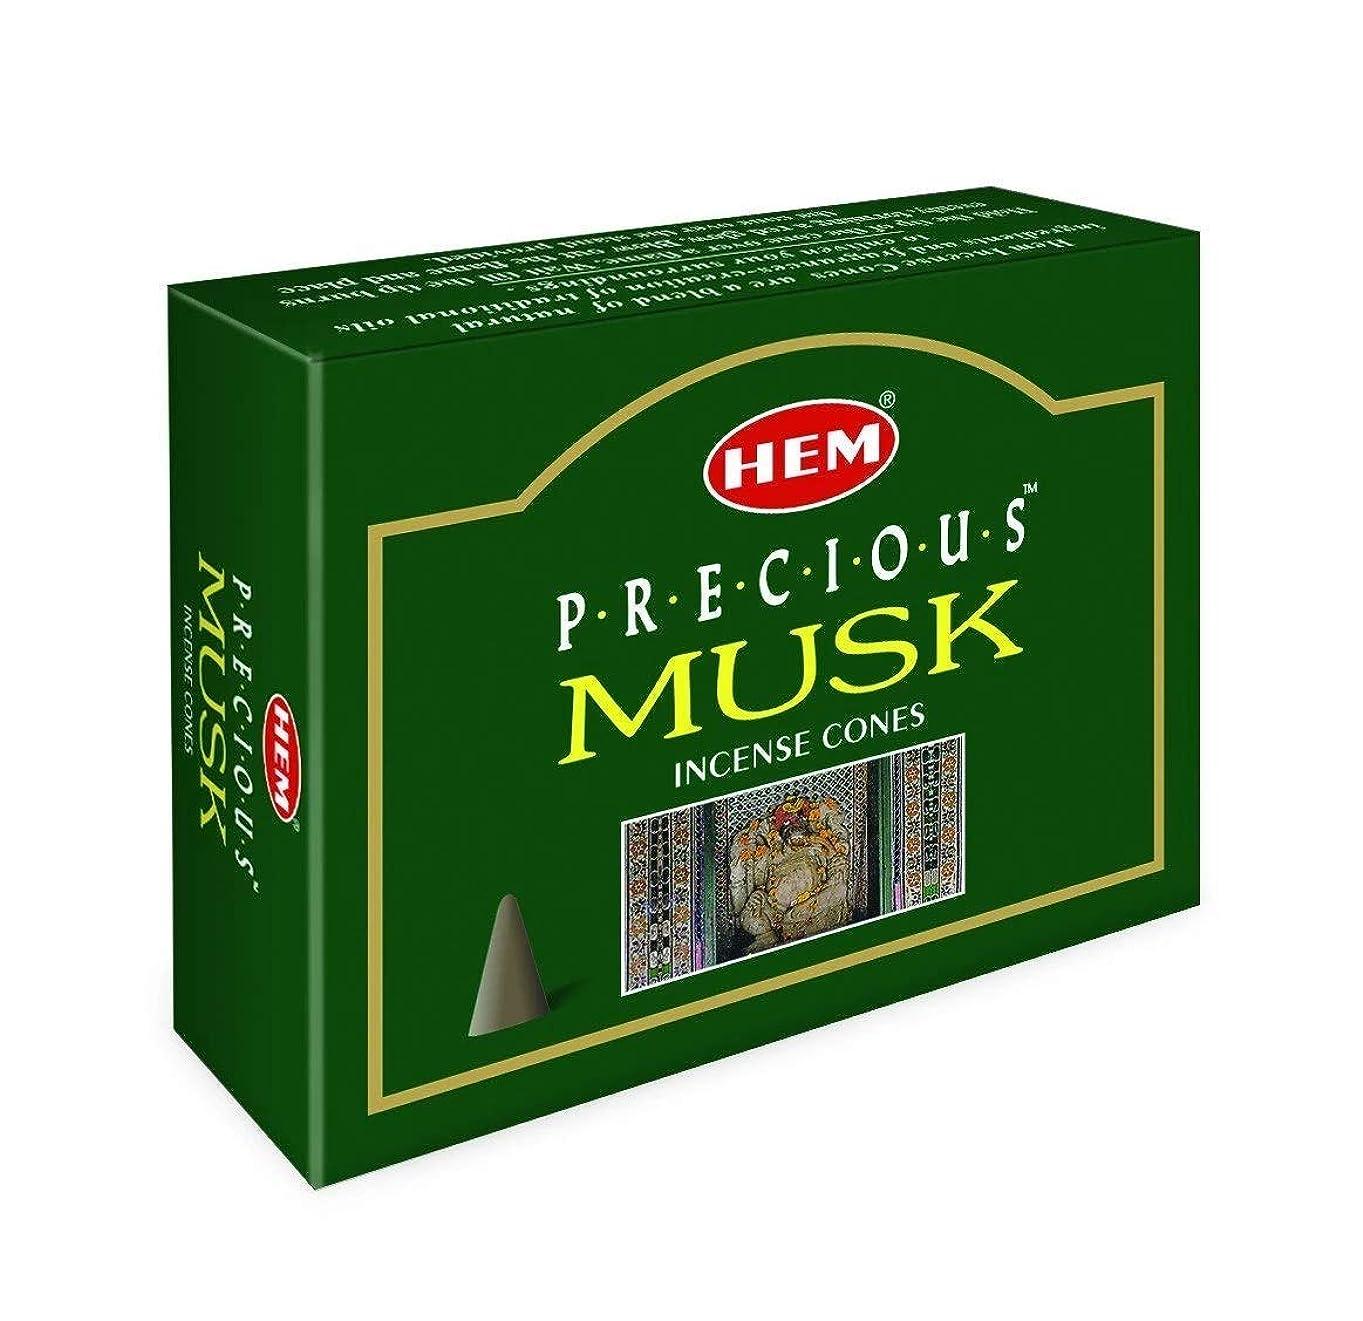 排除と闘うよろしくHEM(ヘム) プレシャスムスク香 コーンタイプ PRECIOUS MUSK CORN 12箱セット